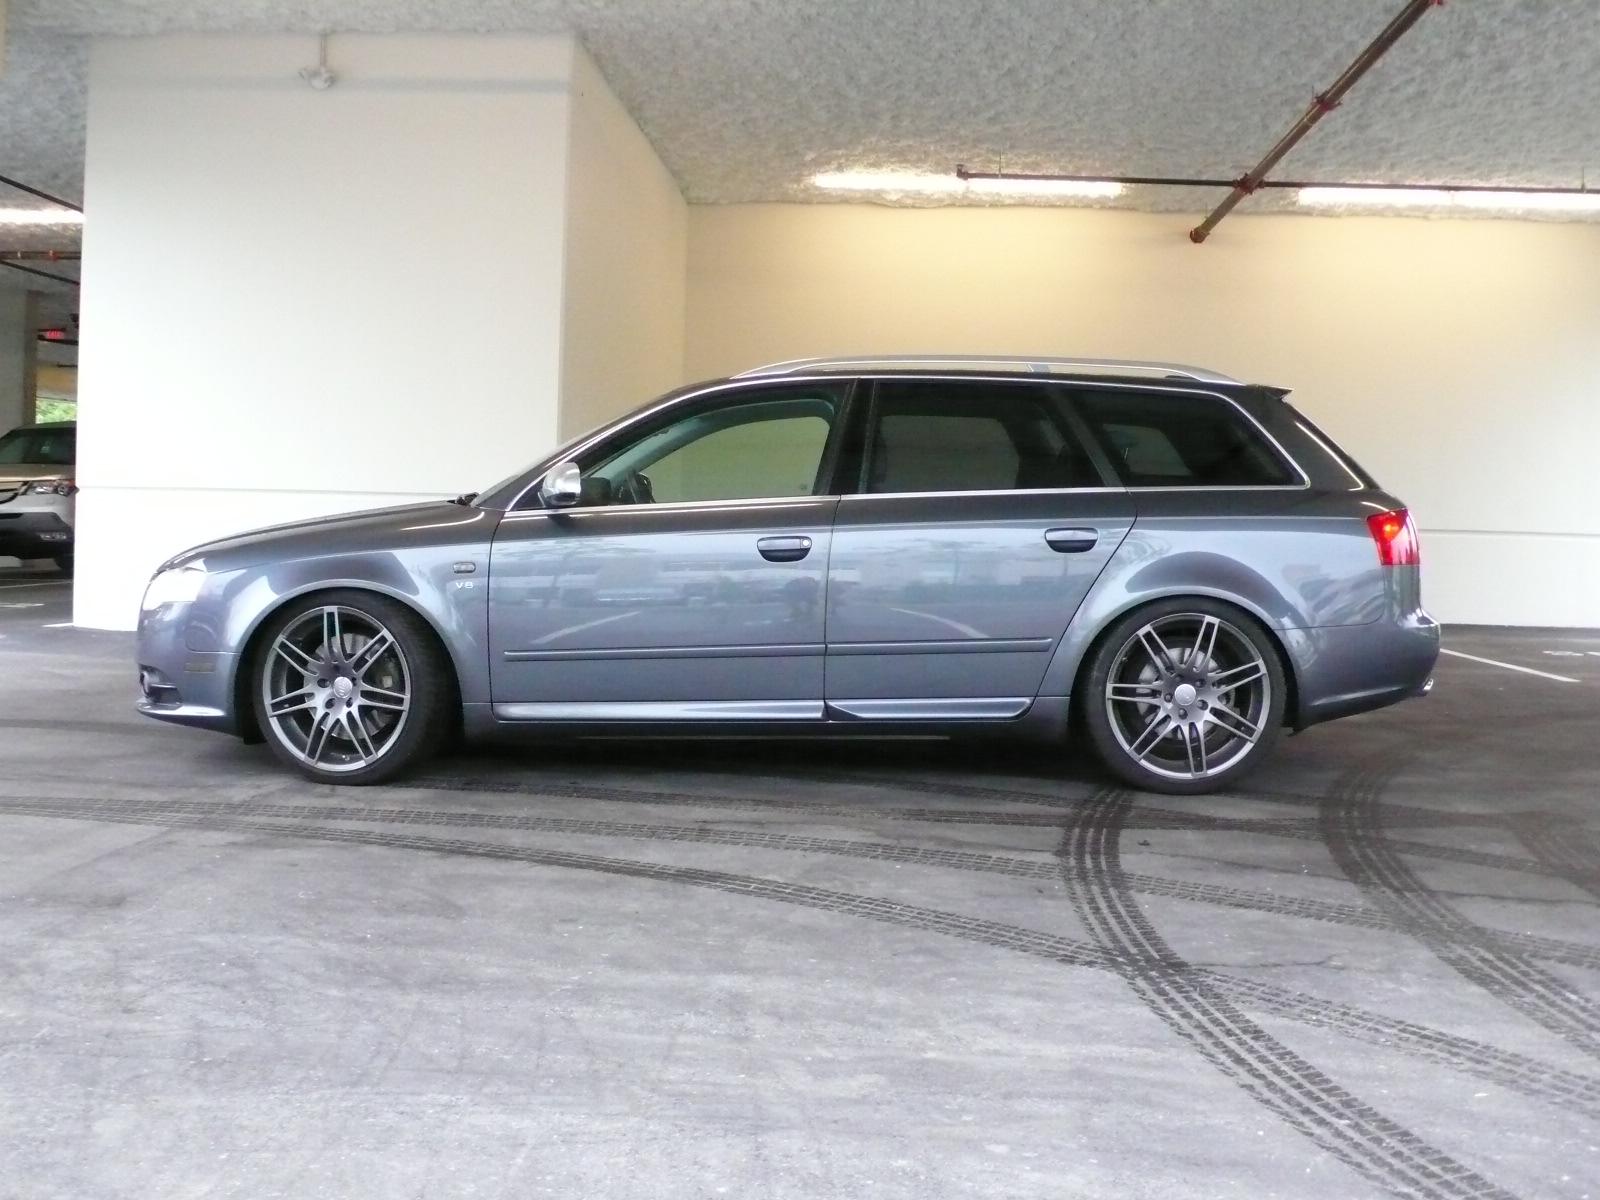 Audi Rim Touch Up Paint